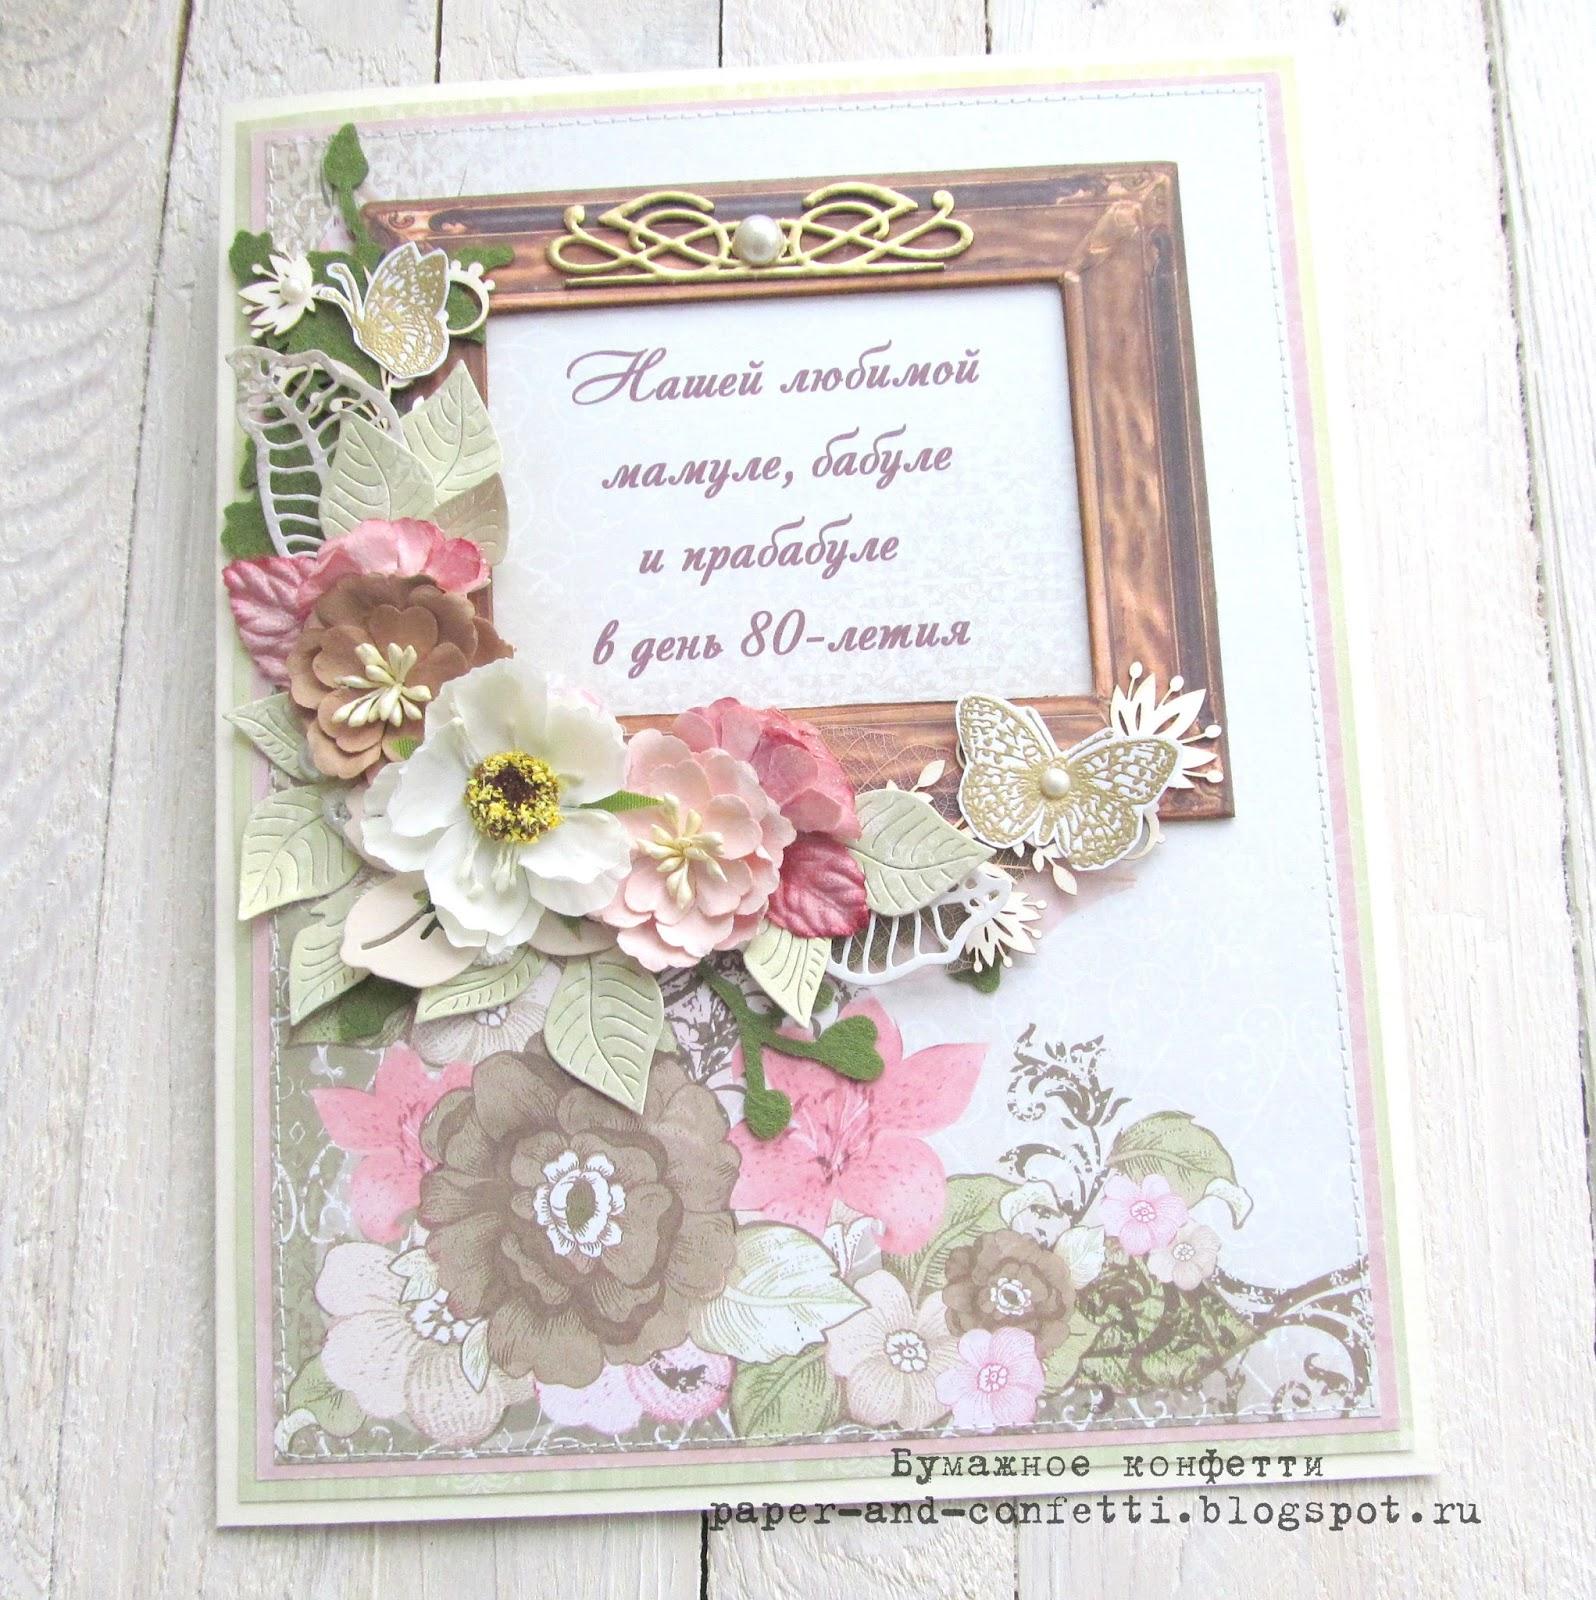 Картинки, открытка на день рождения бабушке скрапбукинг